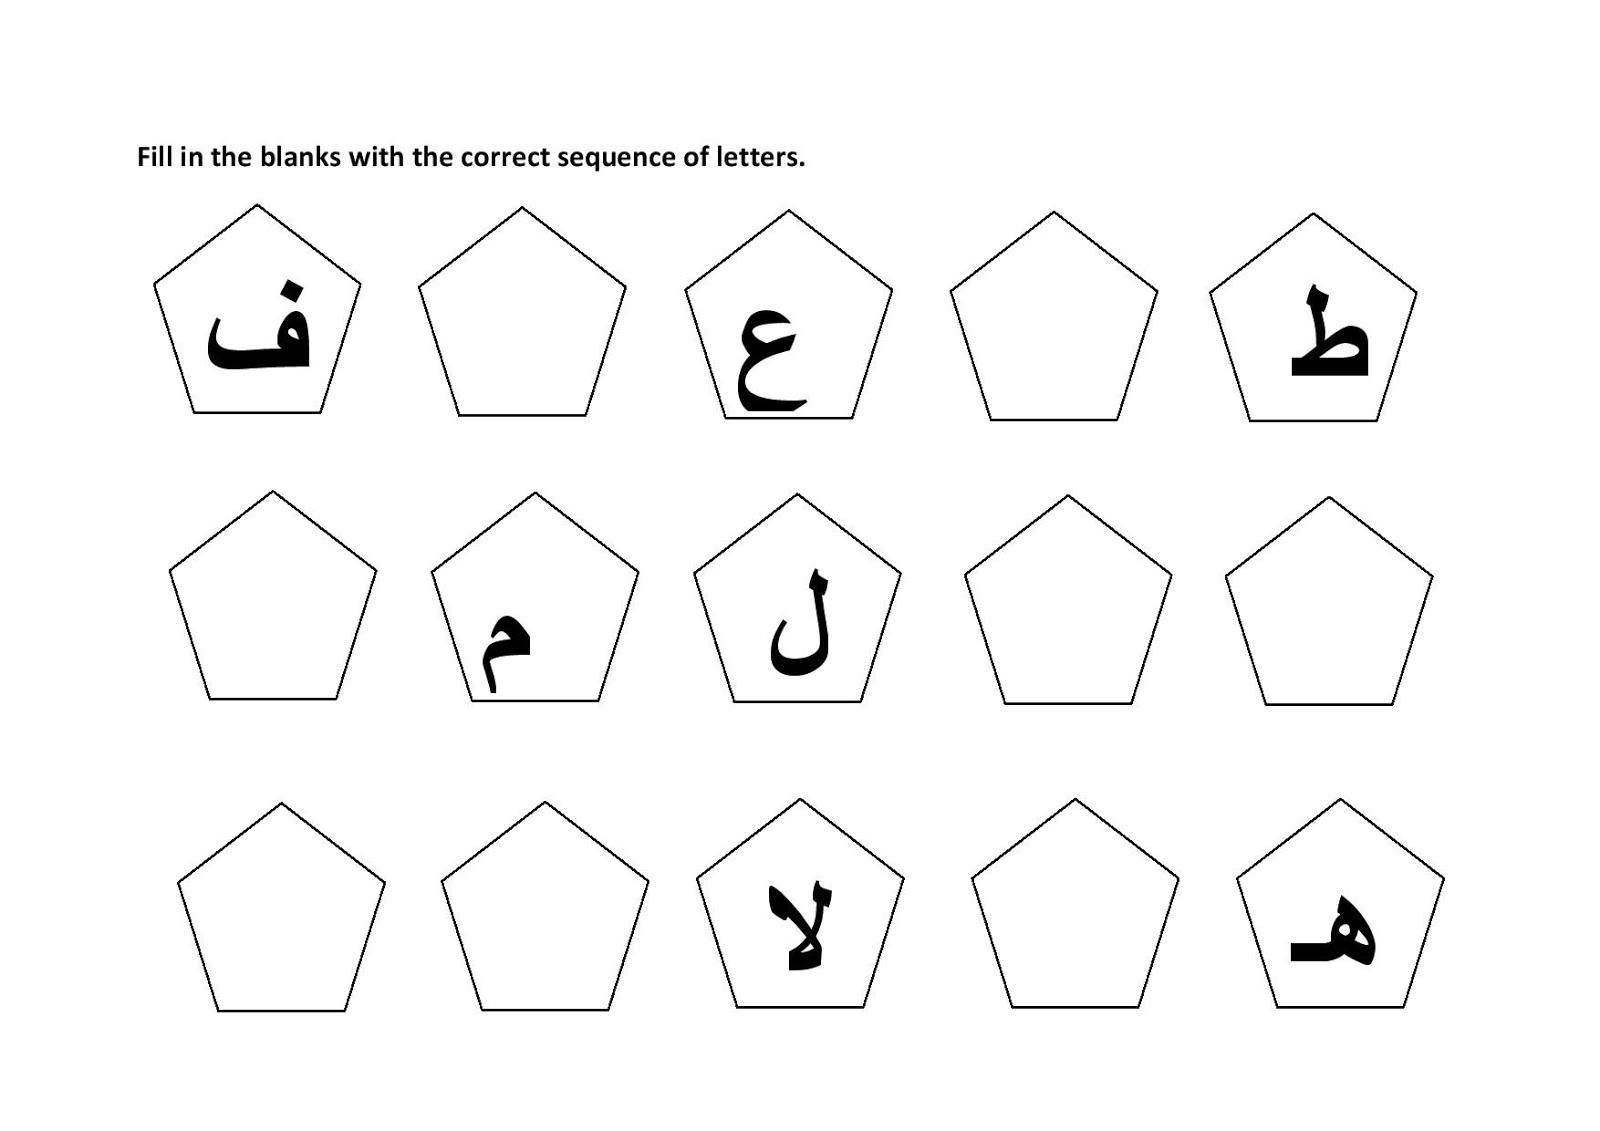 arabic alphabet worksheets simple activity shelter. Black Bedroom Furniture Sets. Home Design Ideas